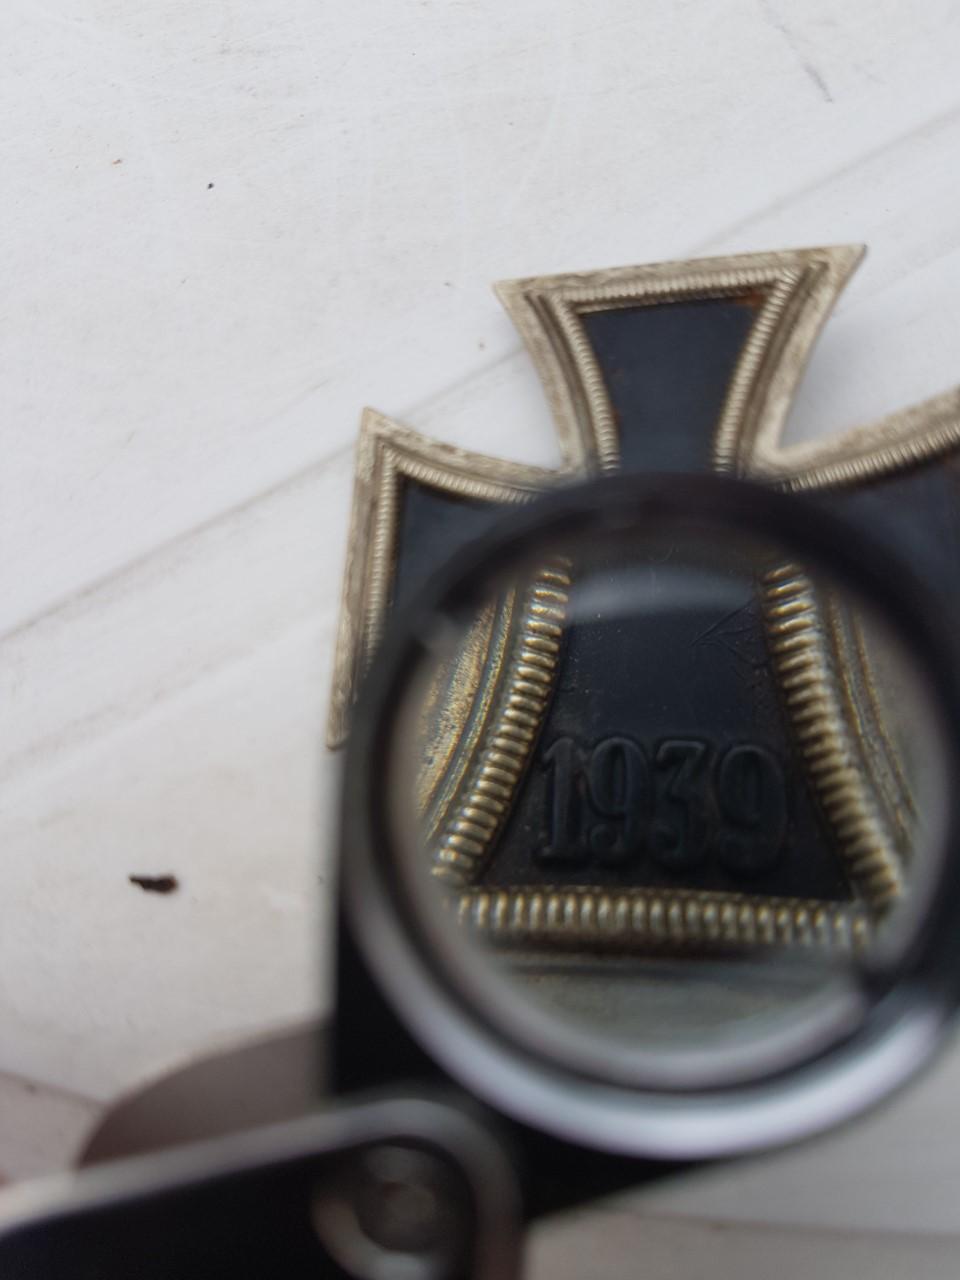 EK1 Thumbn65